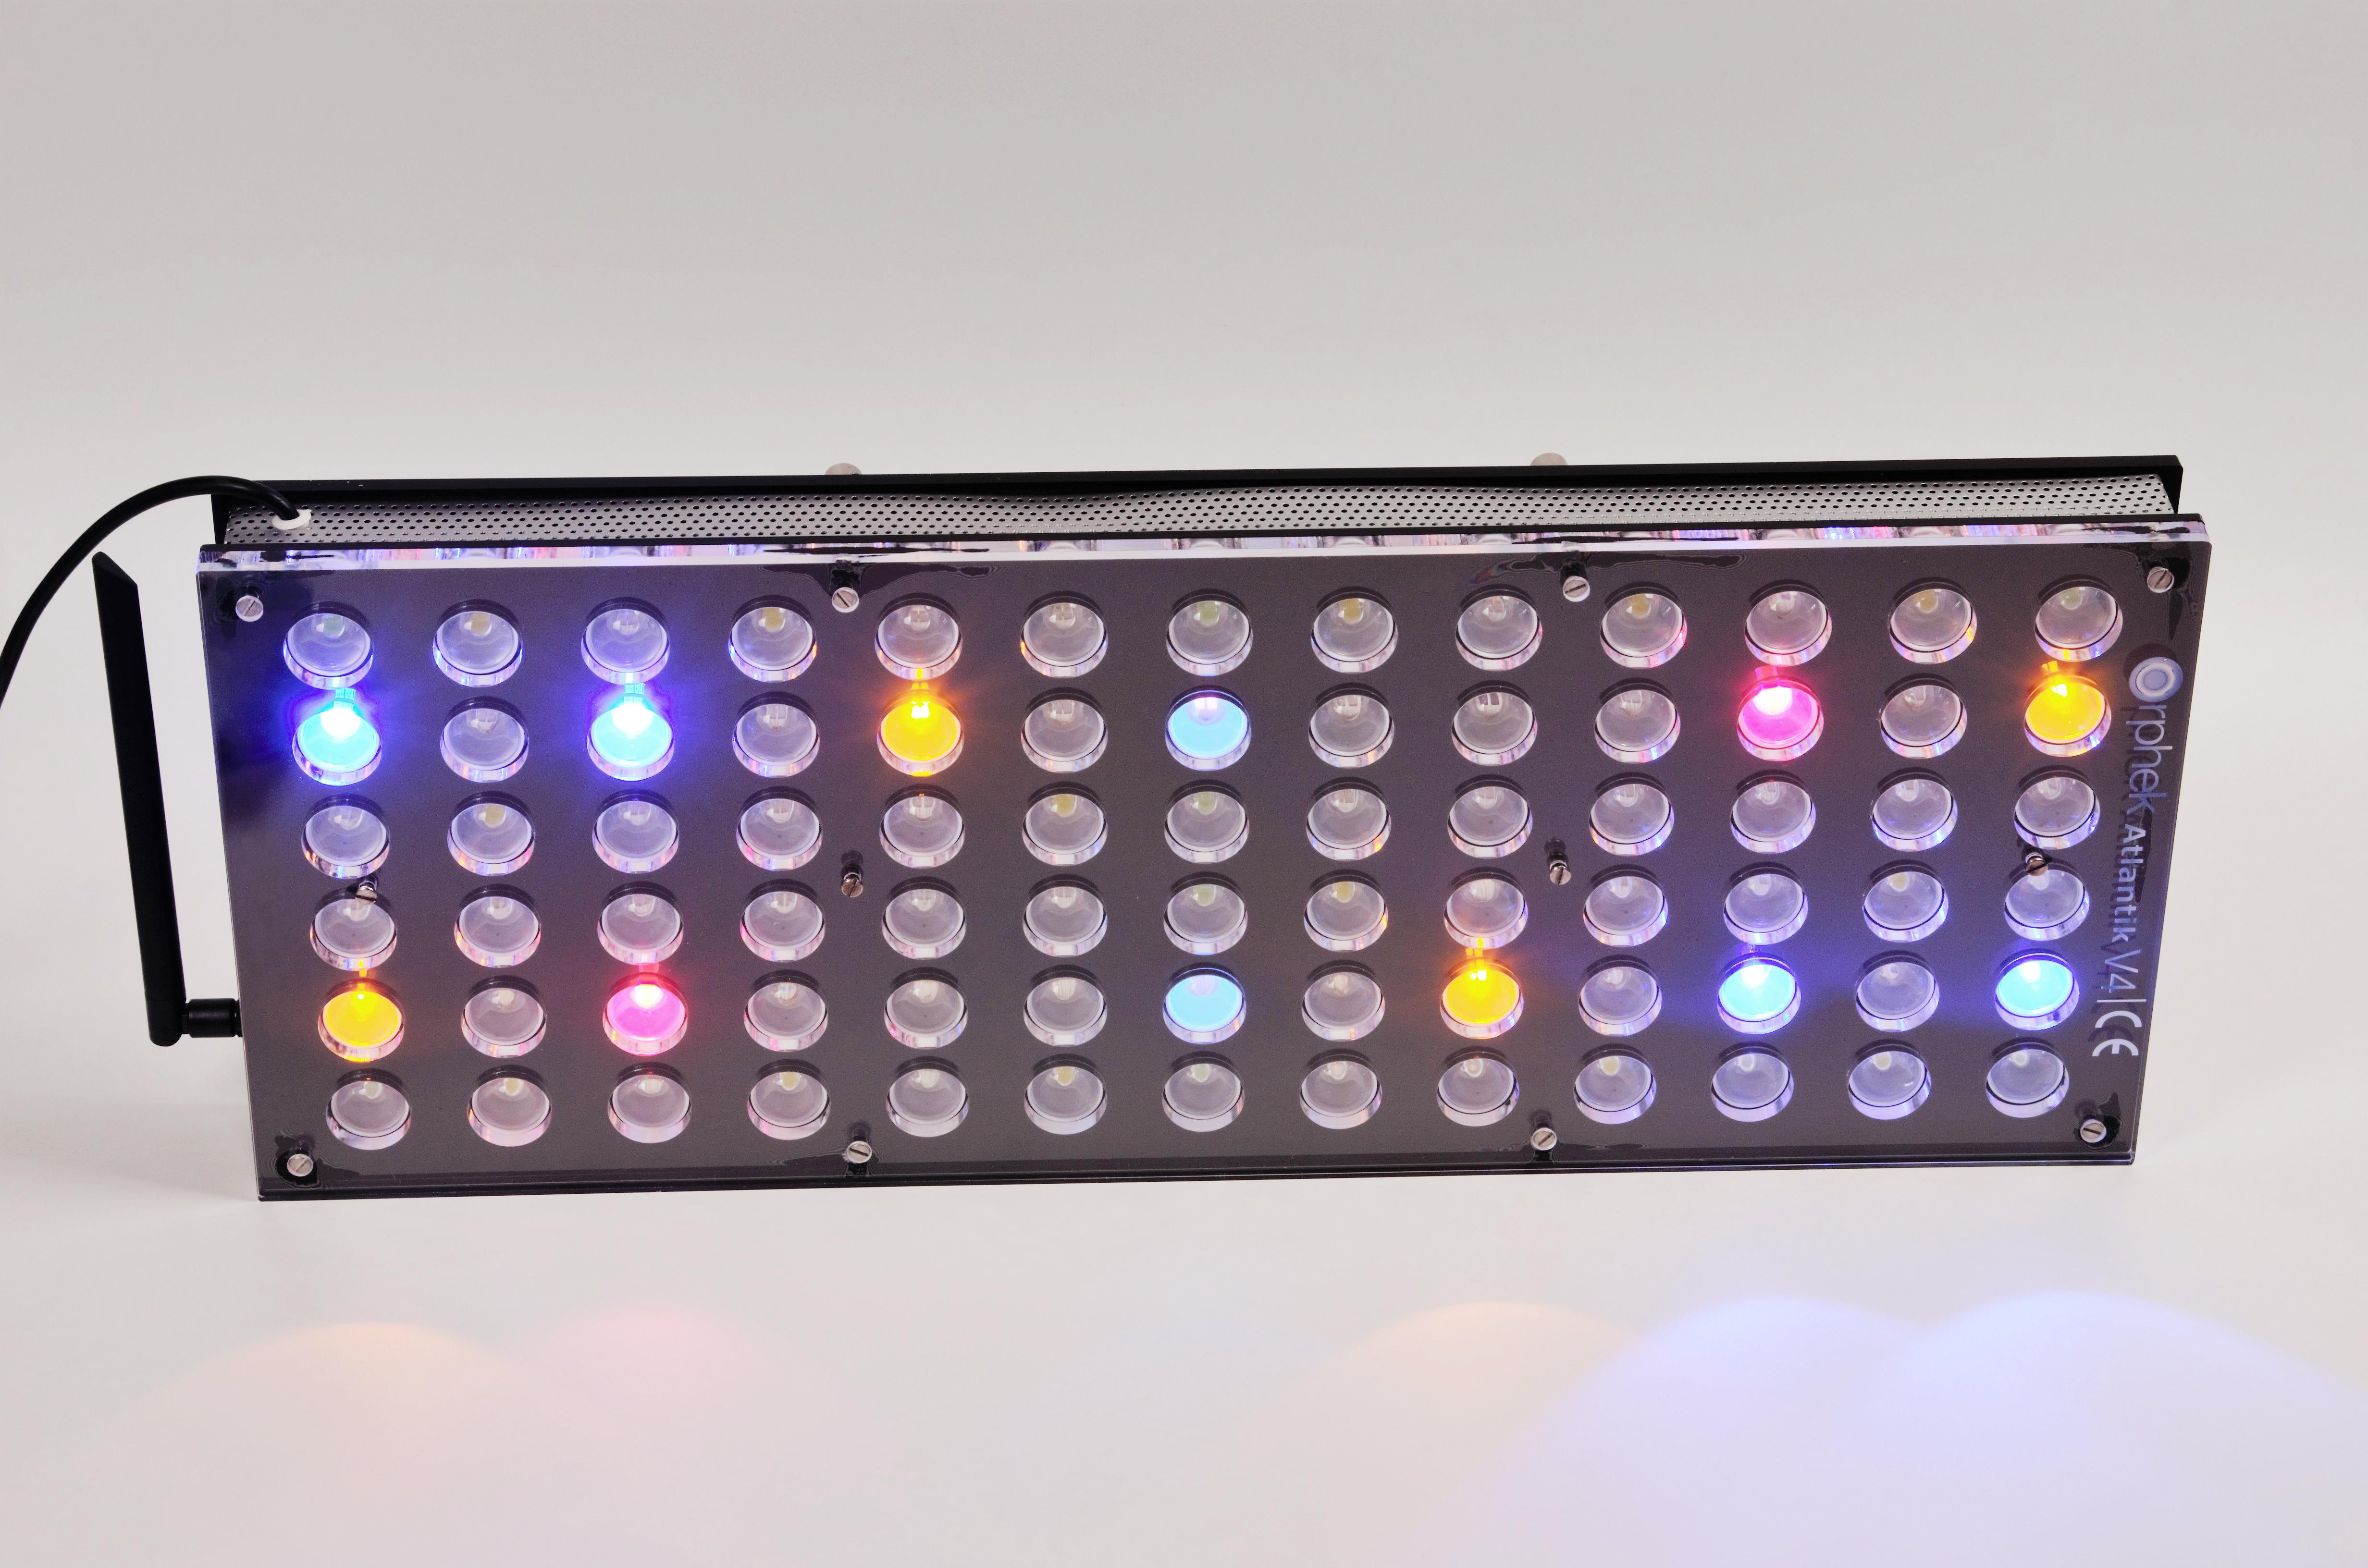 Orphek-Aquarium-LED-Lighting-Reef-Atlantik-V4-light-on-channel 4-DSC_4312